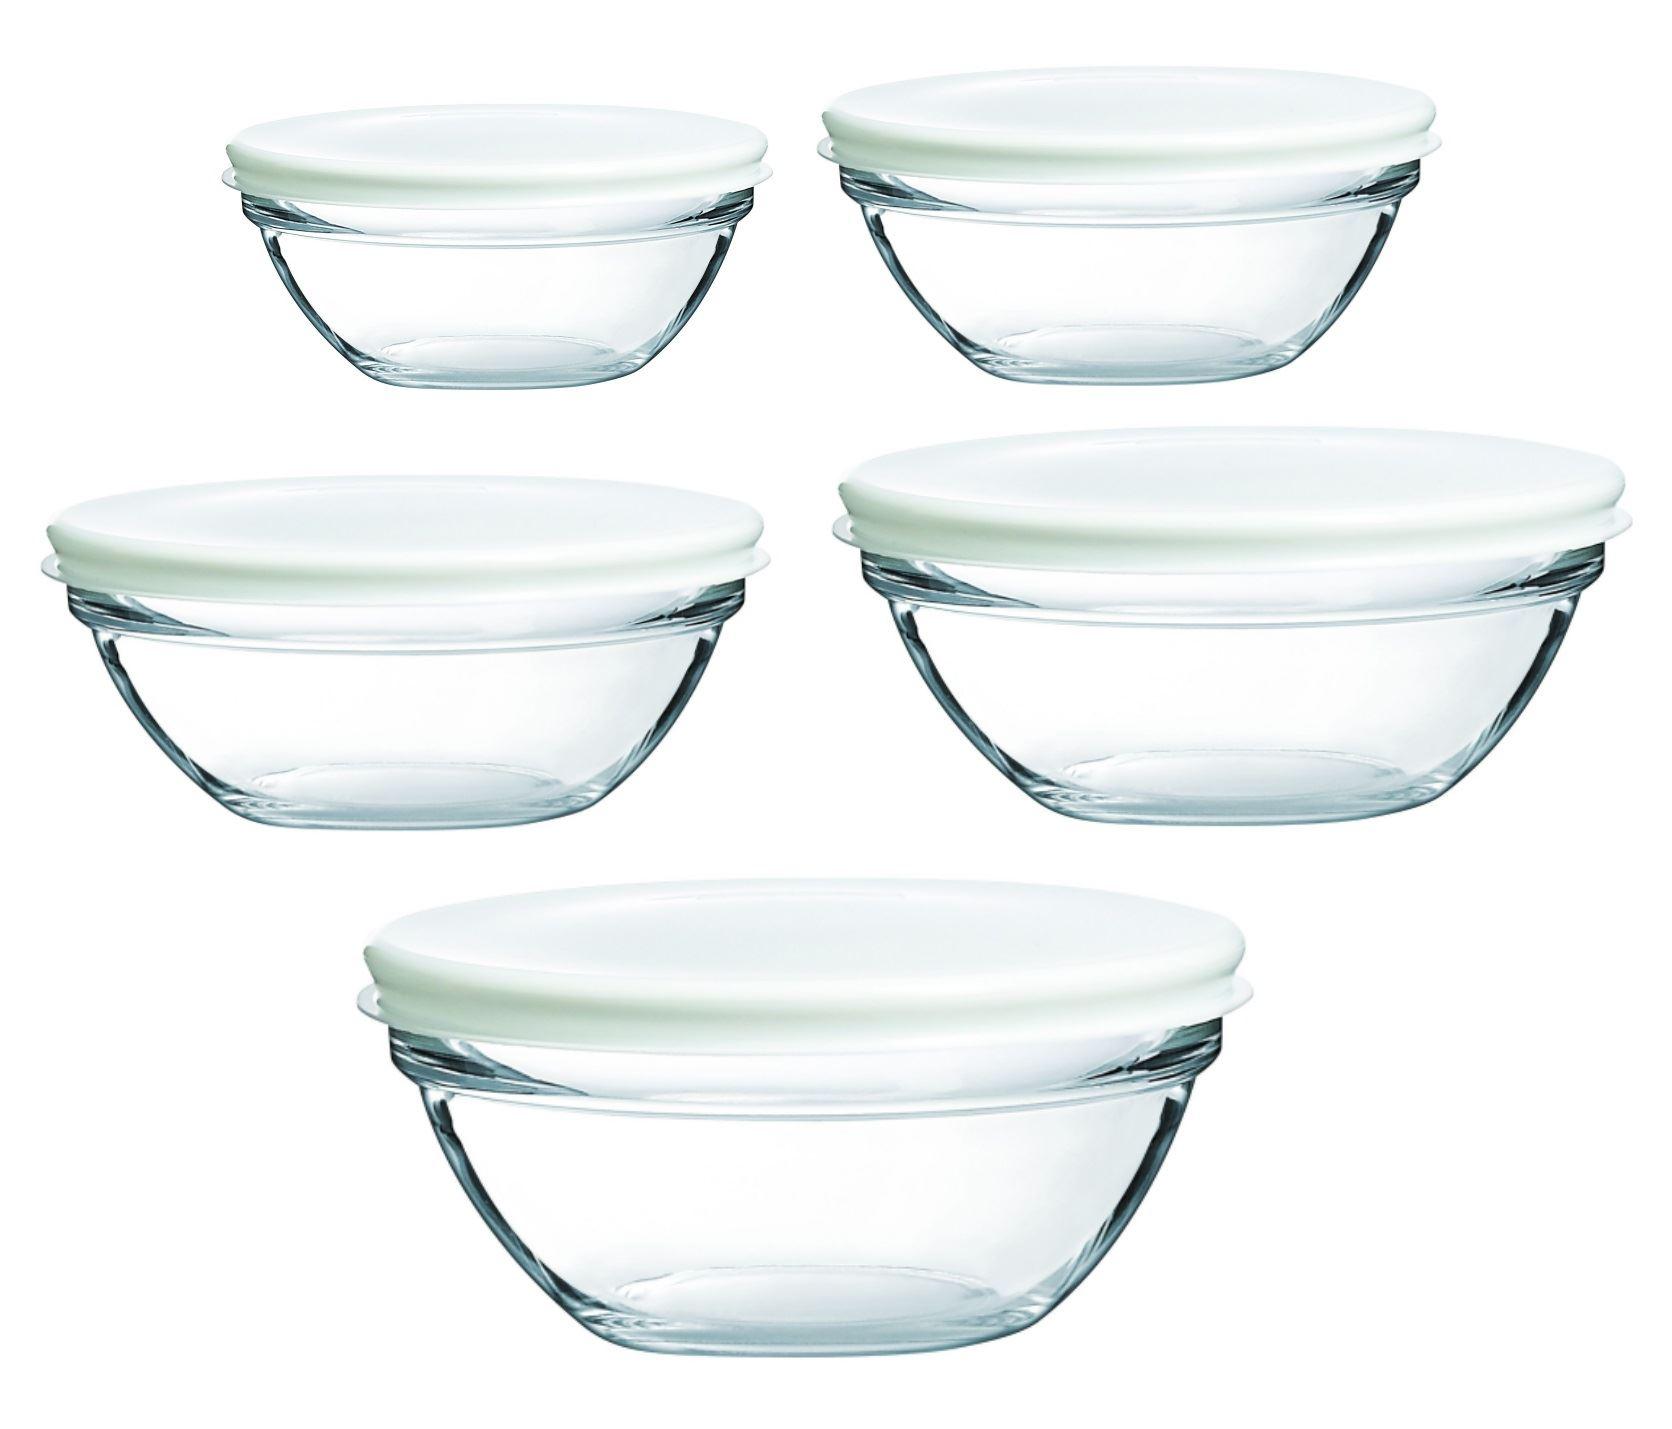 luminarc glas stapel aufbewahrungs sch sseln beh lter mit deckel 12 14 17 20 ebay. Black Bedroom Furniture Sets. Home Design Ideas